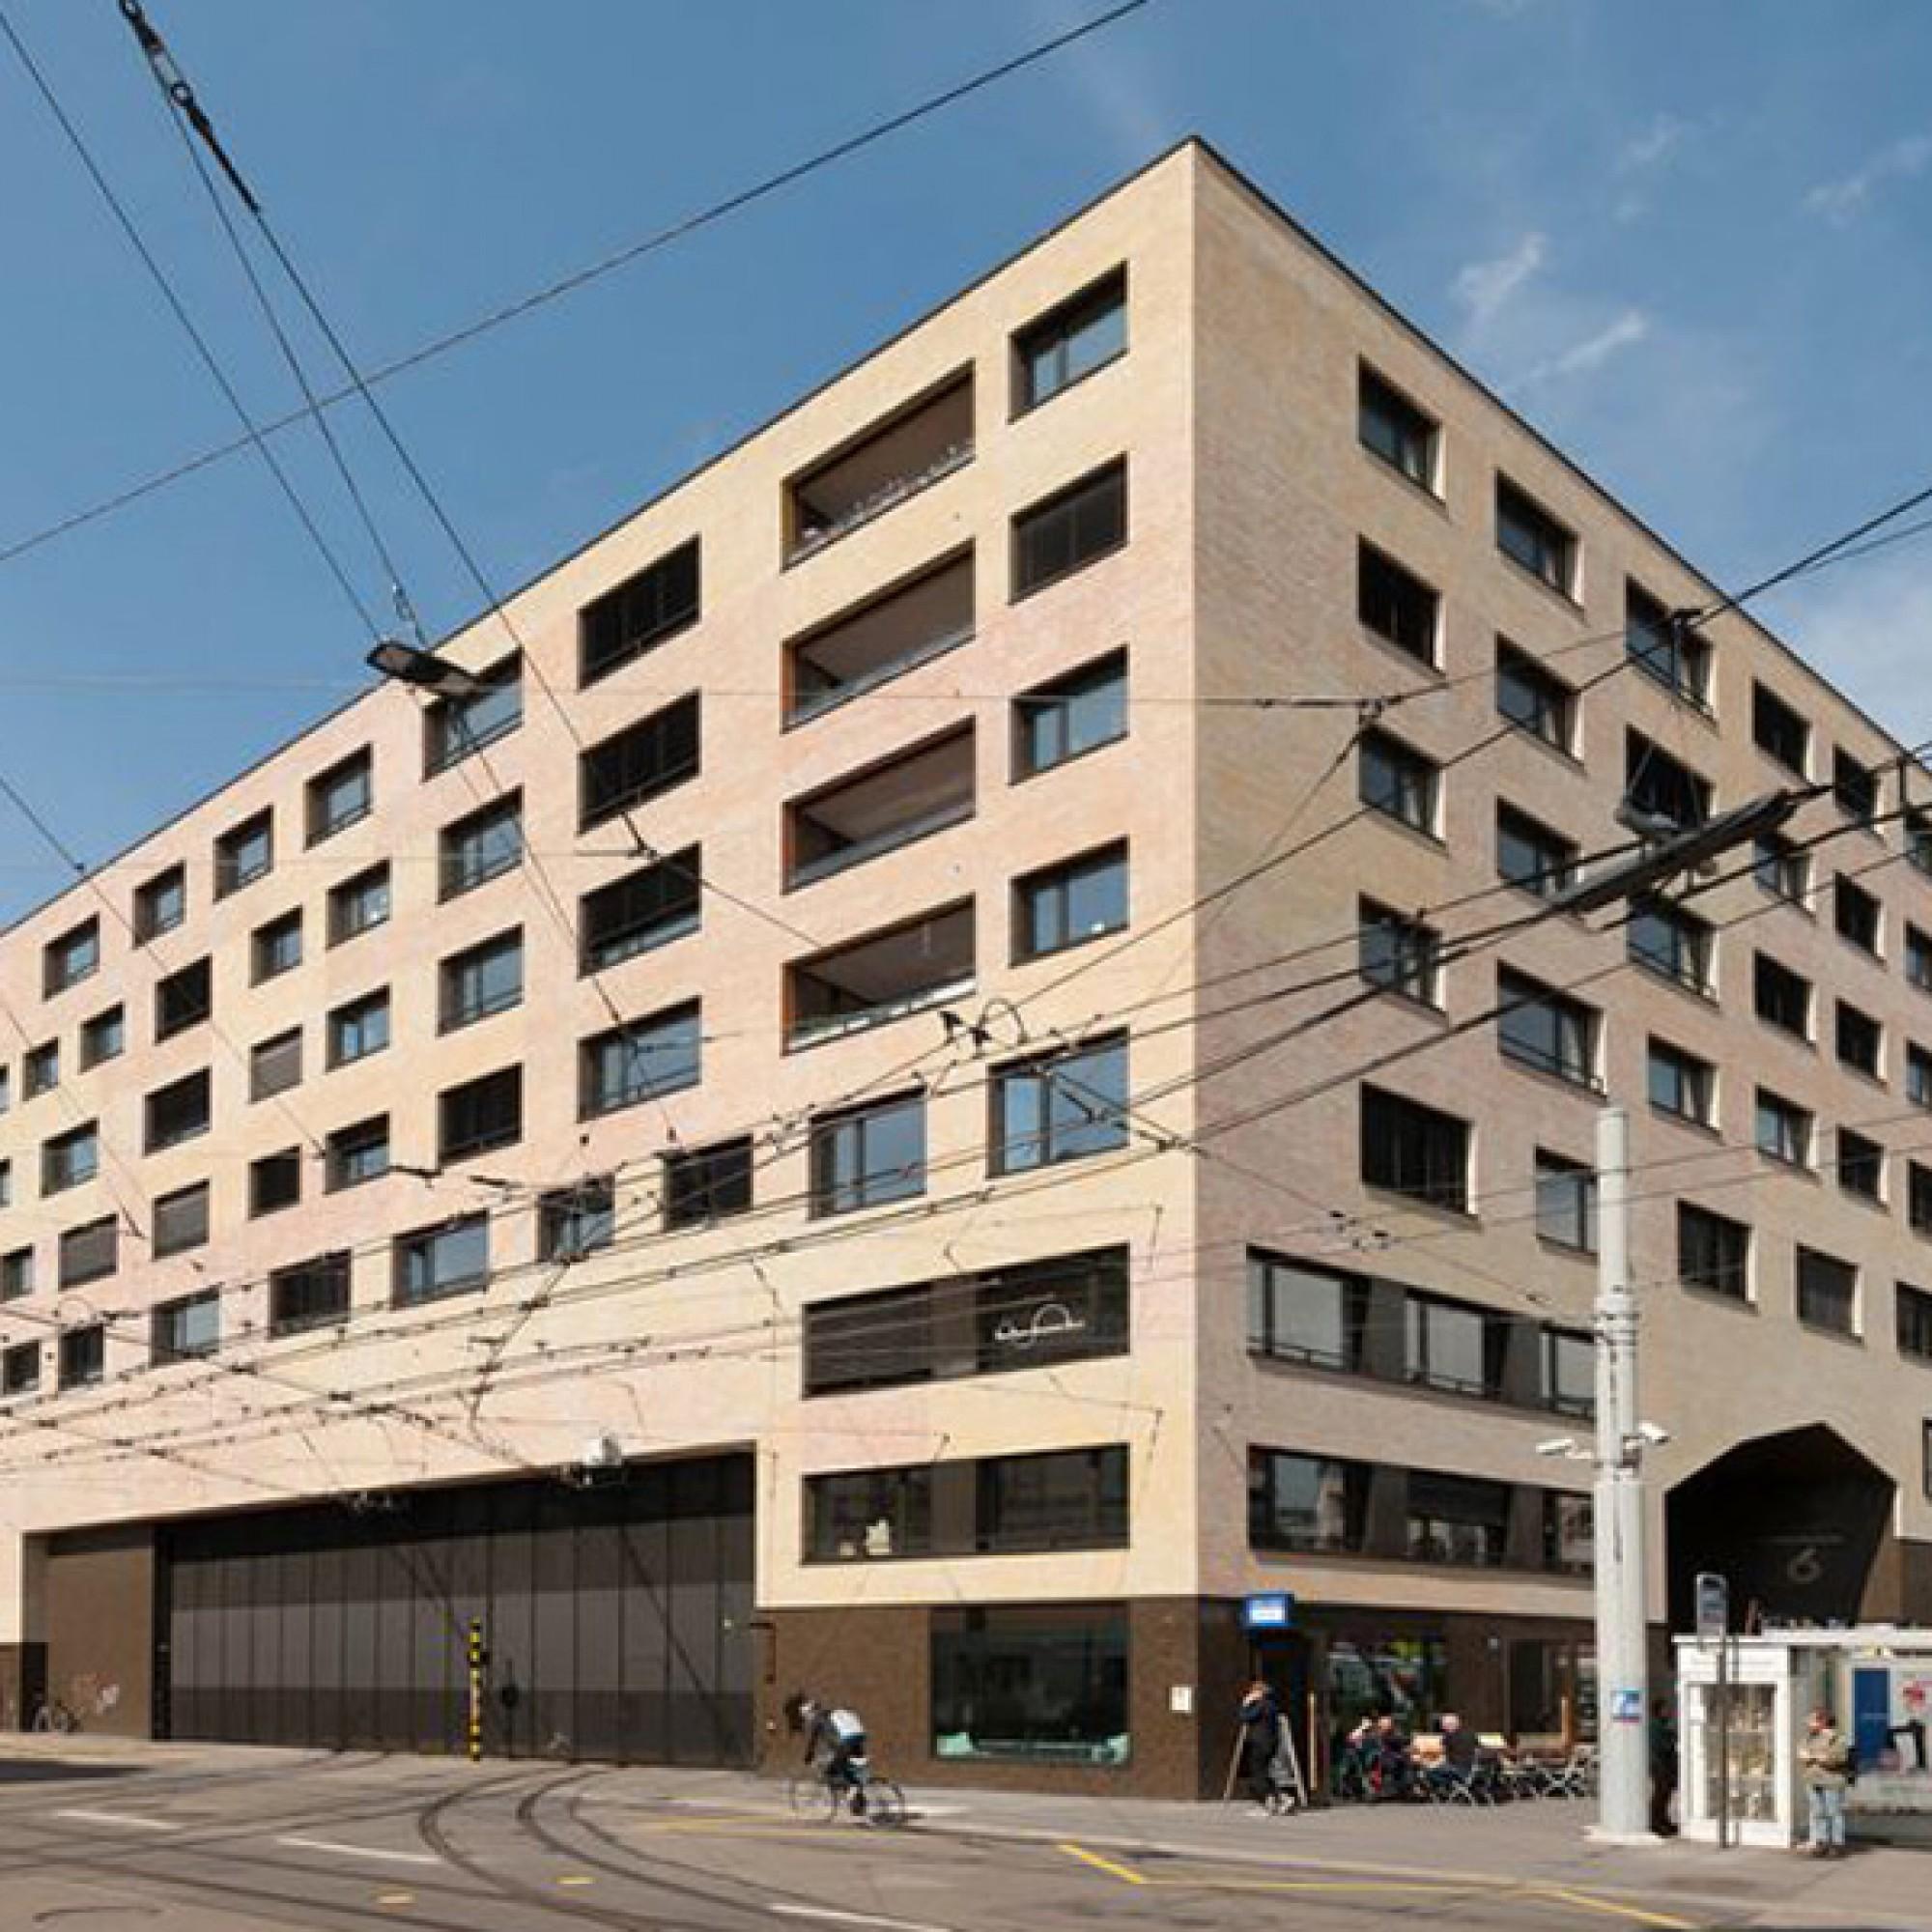 Wohn- und Gewerbesiedlung Kalkbreite, Zürich (Bilder zvg)